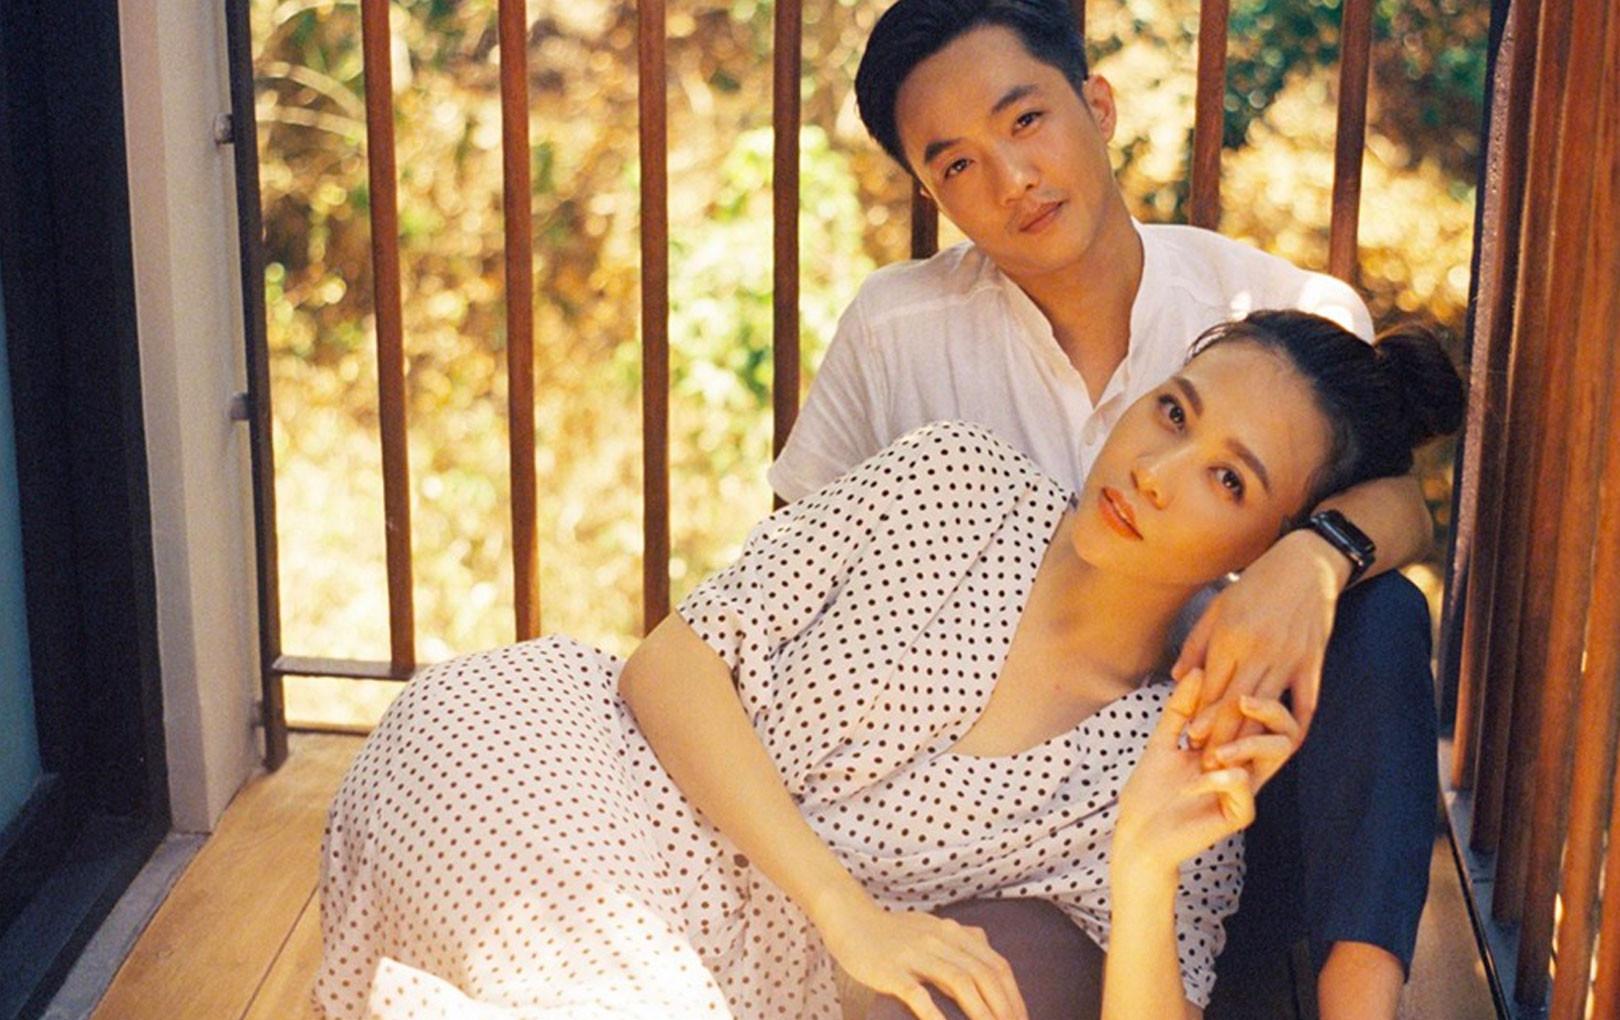 Đàm Thu Trang lãng mạn mang bánh đến tận giường mừng sinh nhật ông xã Cường Đô La